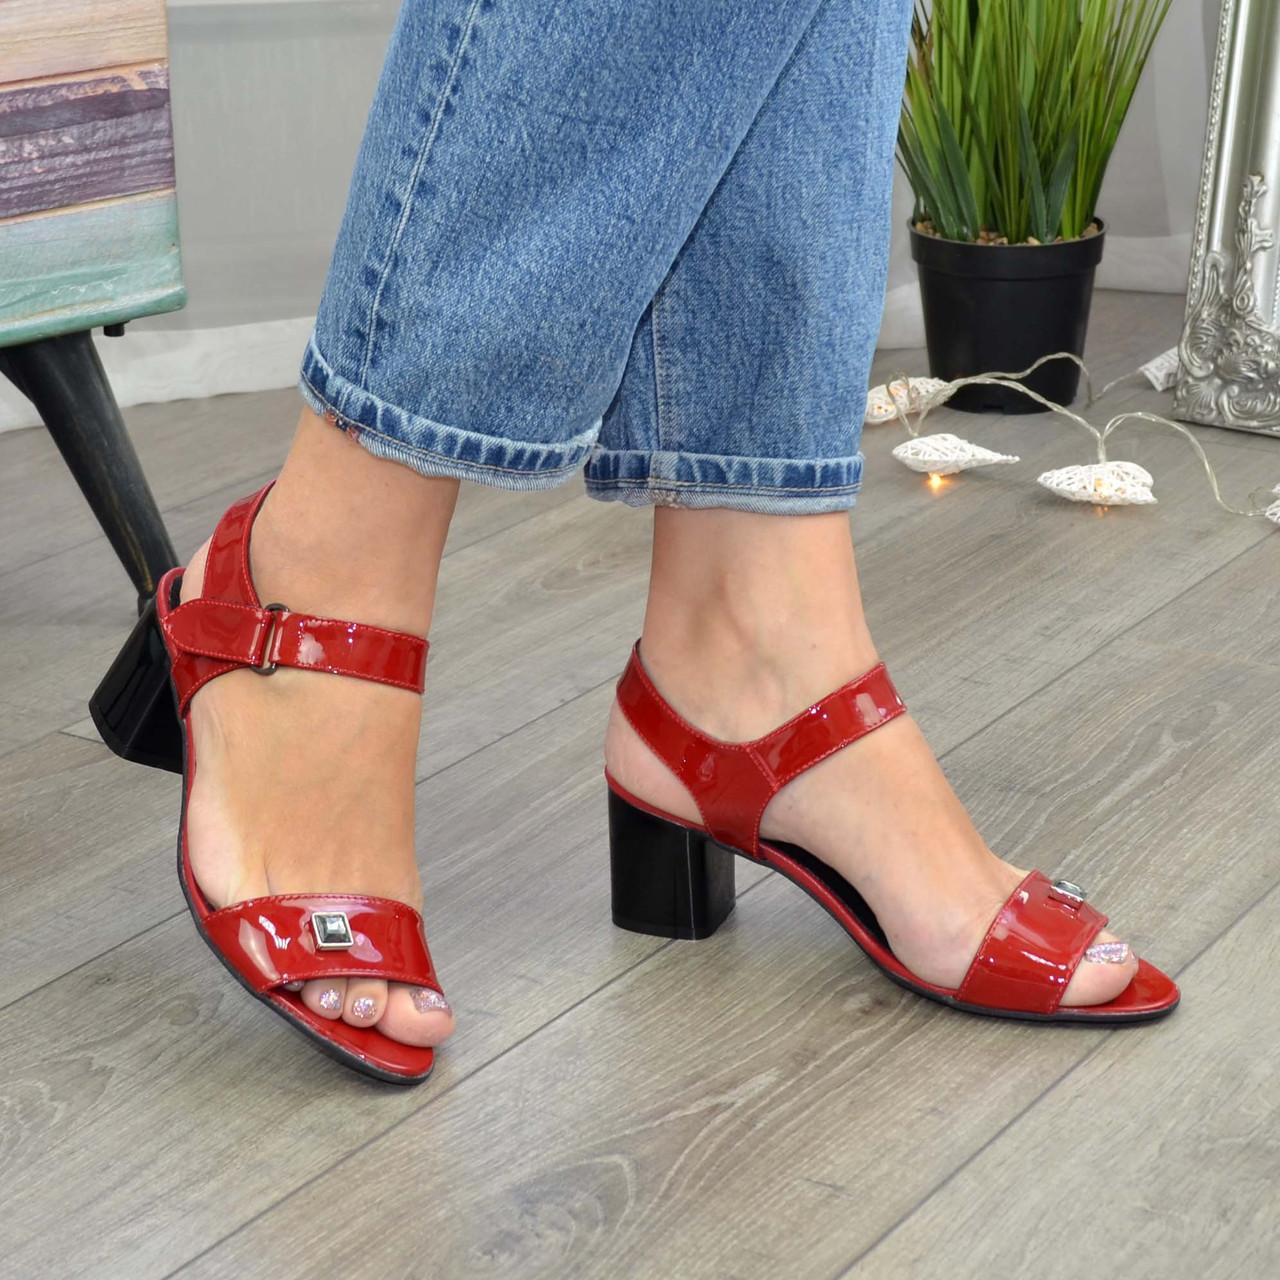 Женские лаковые красные босоножки на невысоком каблуке, декорированы фурнитурой.